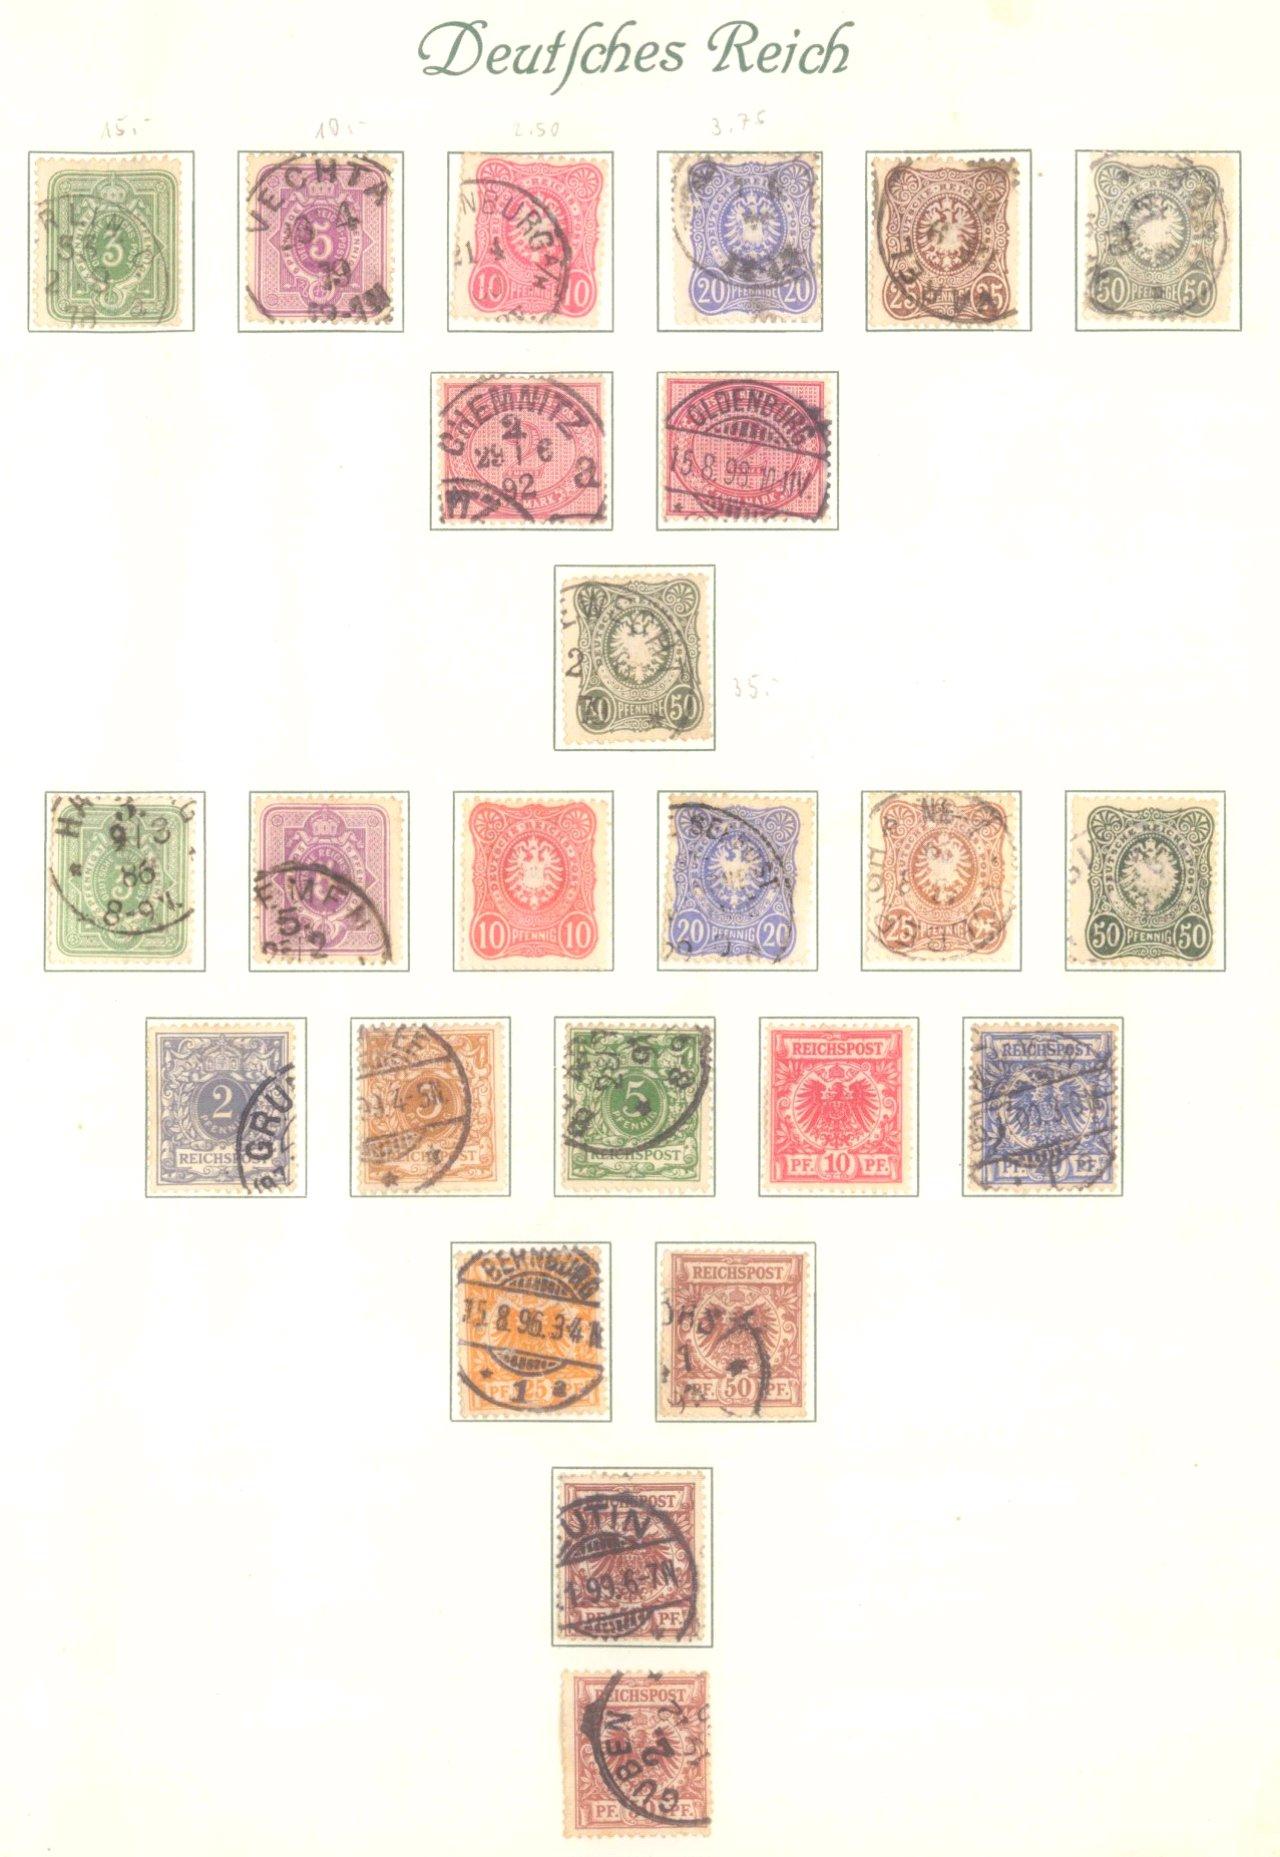 DEUTSCHES REICH – KAISERREICH 1872-1915, 24! Brustschilde!-1